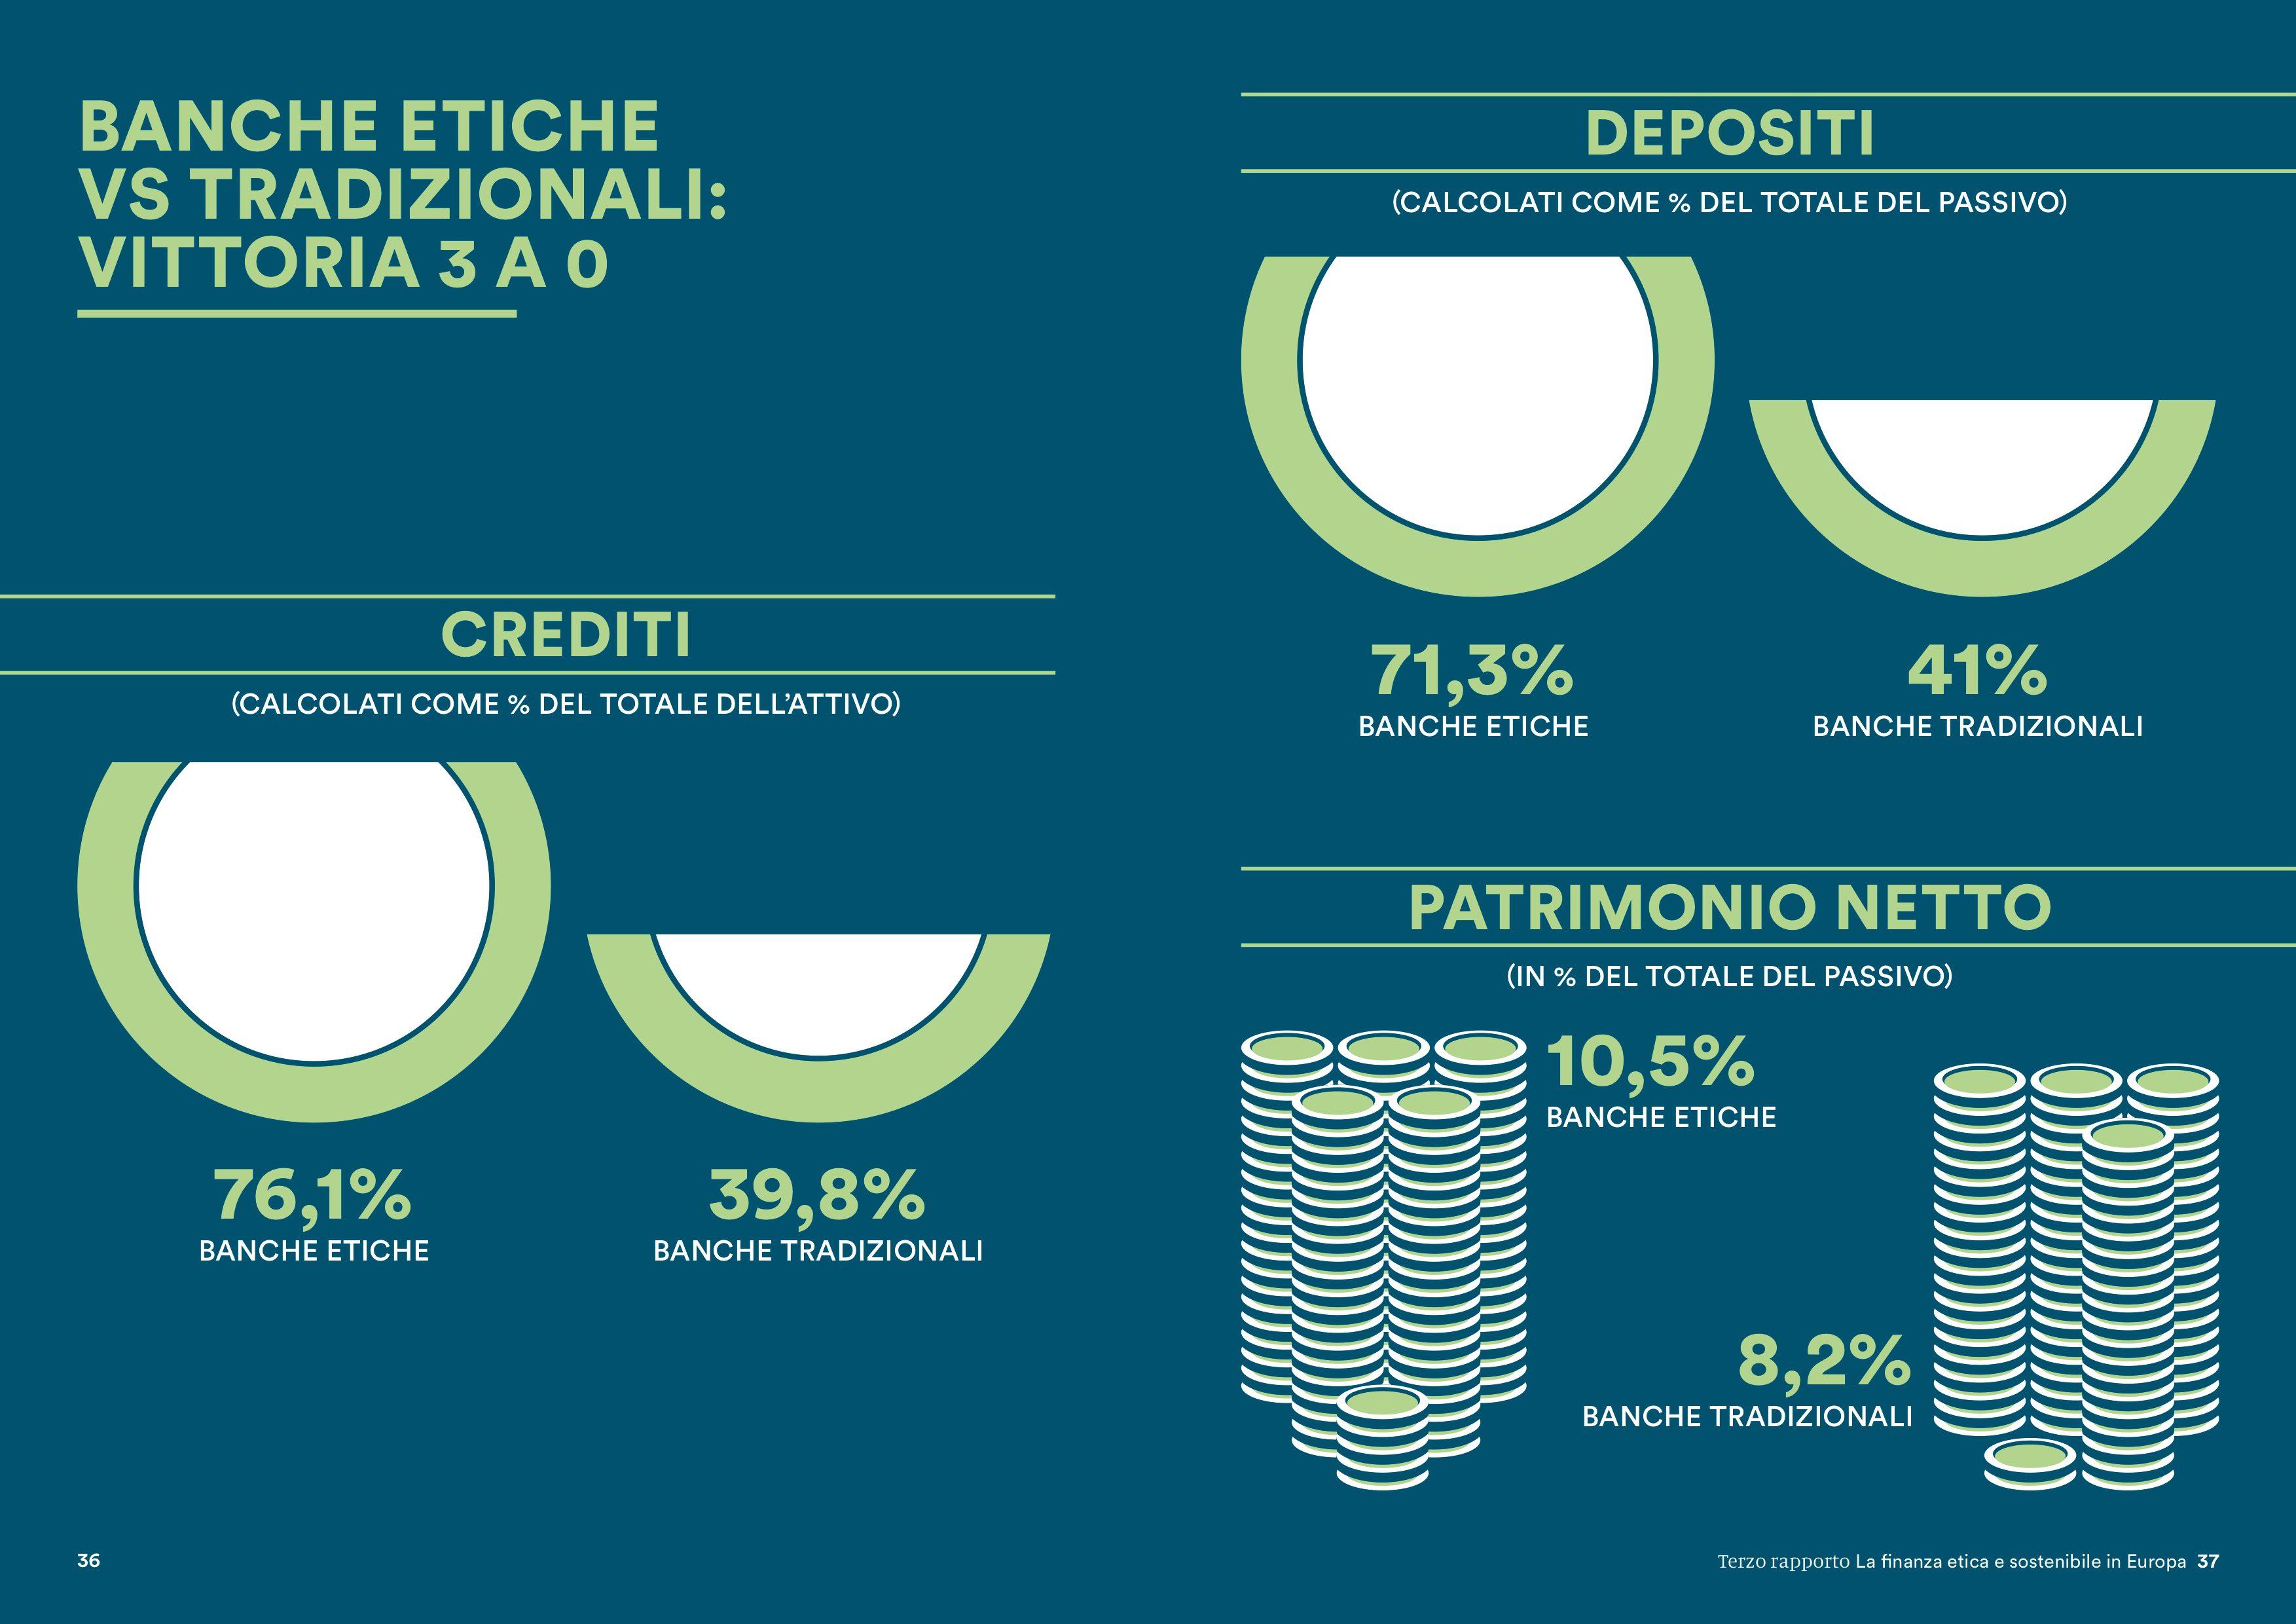 Confronto tra Banche Etiche europee e sistema bancario